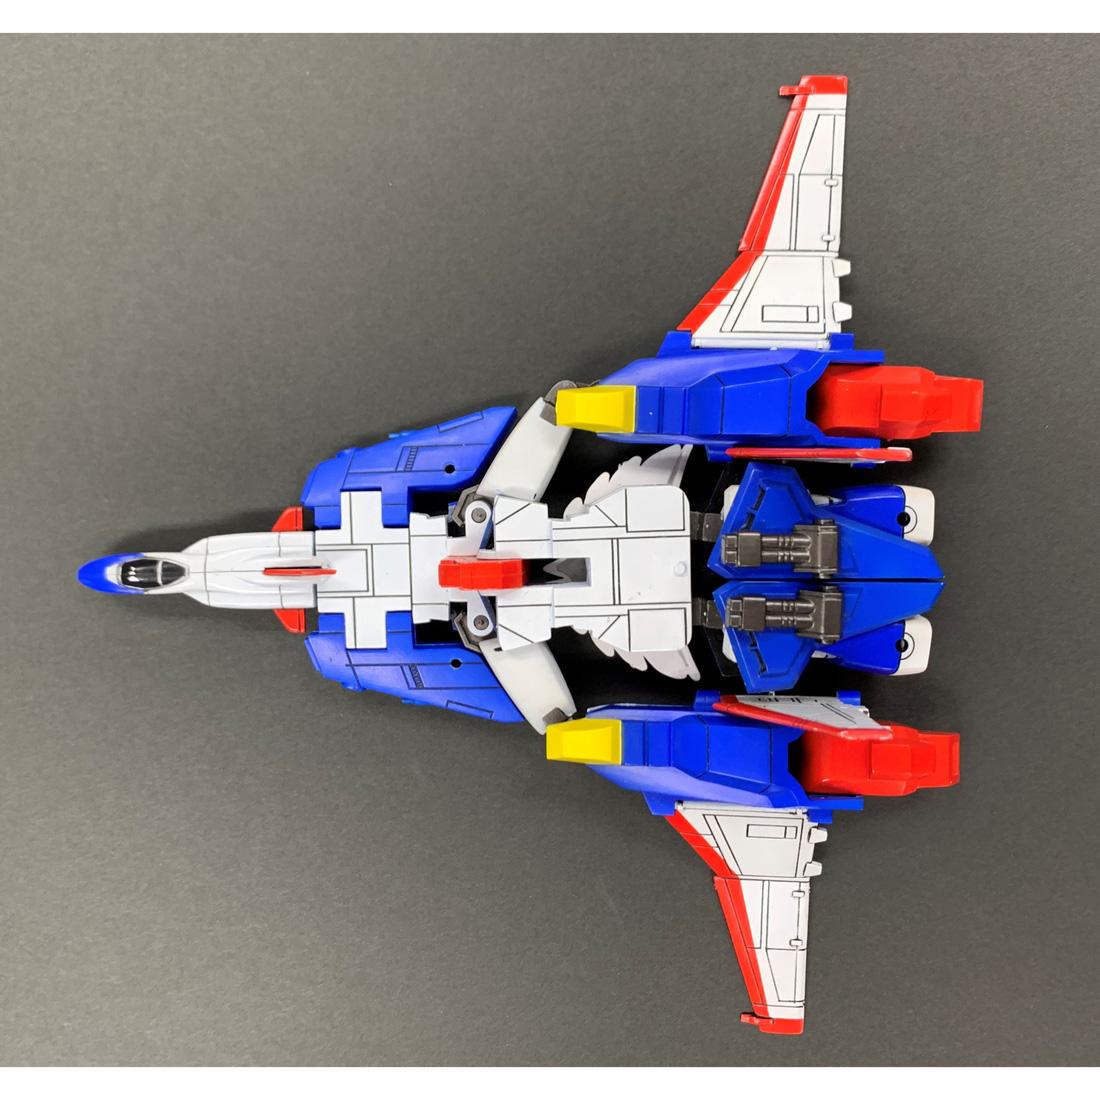 太陽の勇者ファイバード『復刻版 太陽の勇者 ファイバード』プラモデル-004